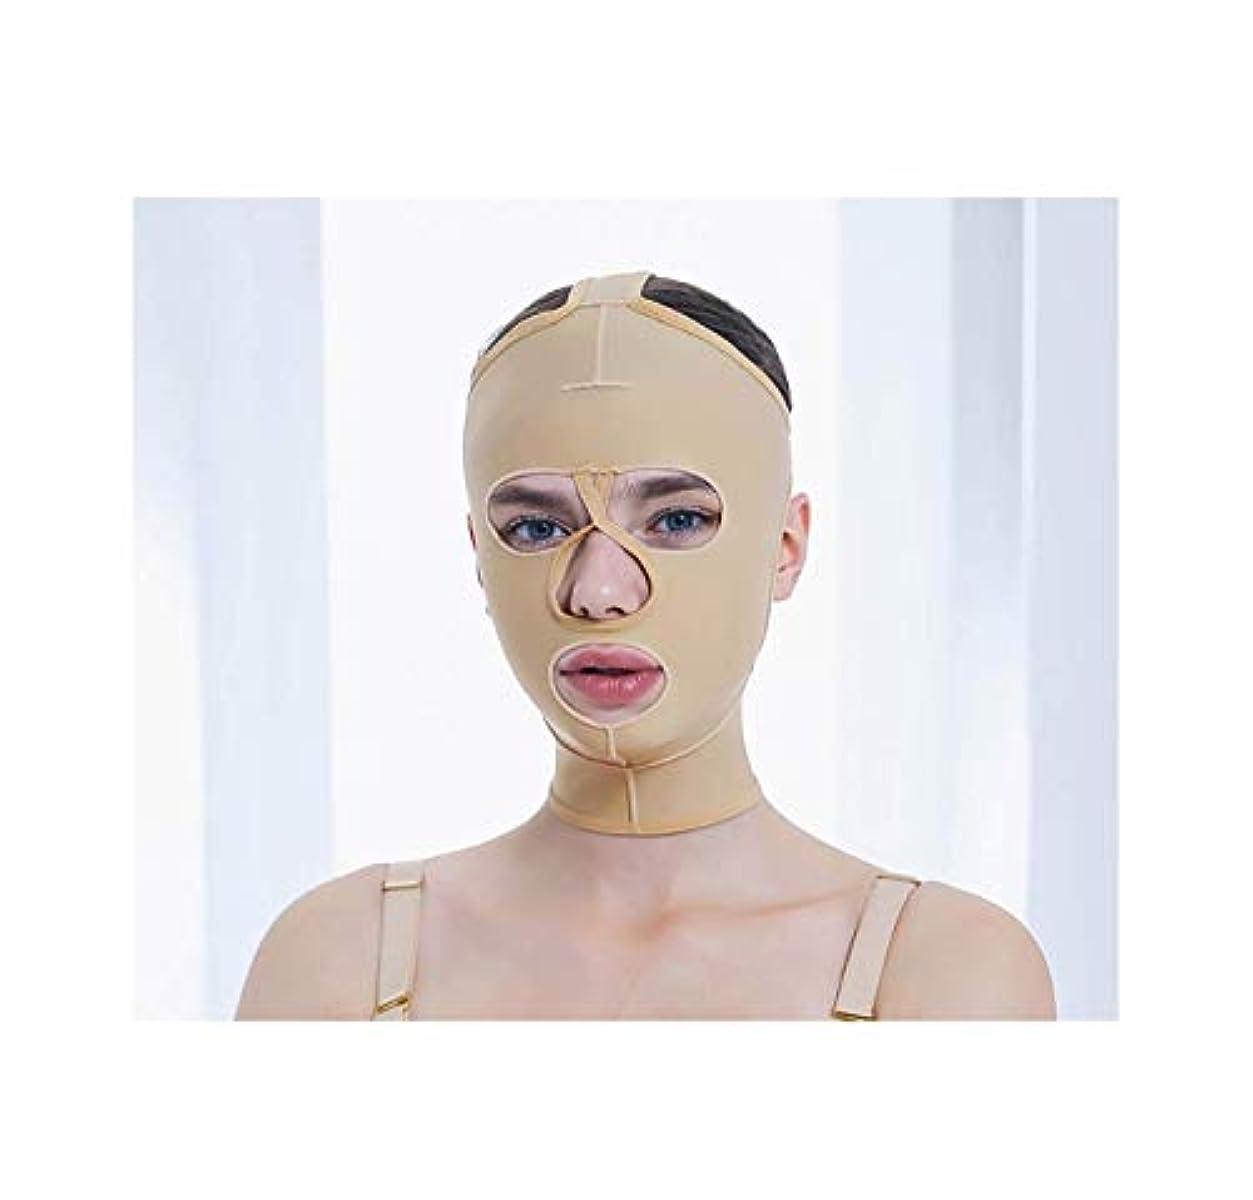 没頭する月曜ファセットフェイスアンドネックリフト、減量フェイスマスク脂肪吸引術脂肪吸引術シェーピングマスクフードフェイスリフティングアーティファクトVフェイスビームフェイス弾性スリーブ(サイズ:Xl)